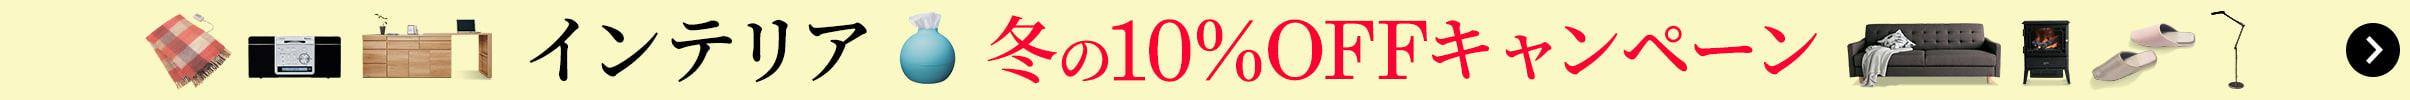 インテリア 冬の10%OFFキャンペーン